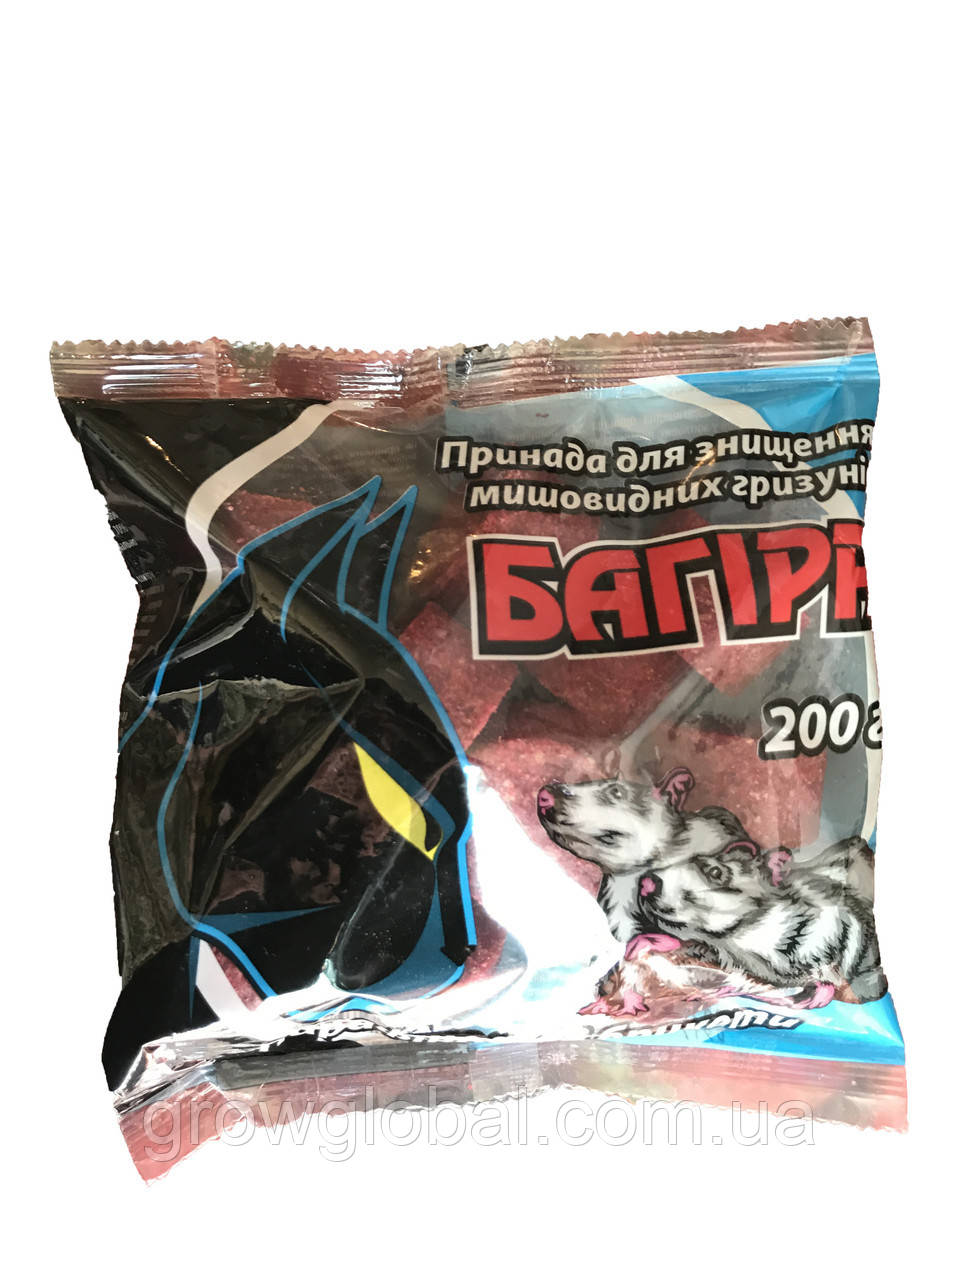 Багира брикеты от крыс и мышей 200 г оригинал